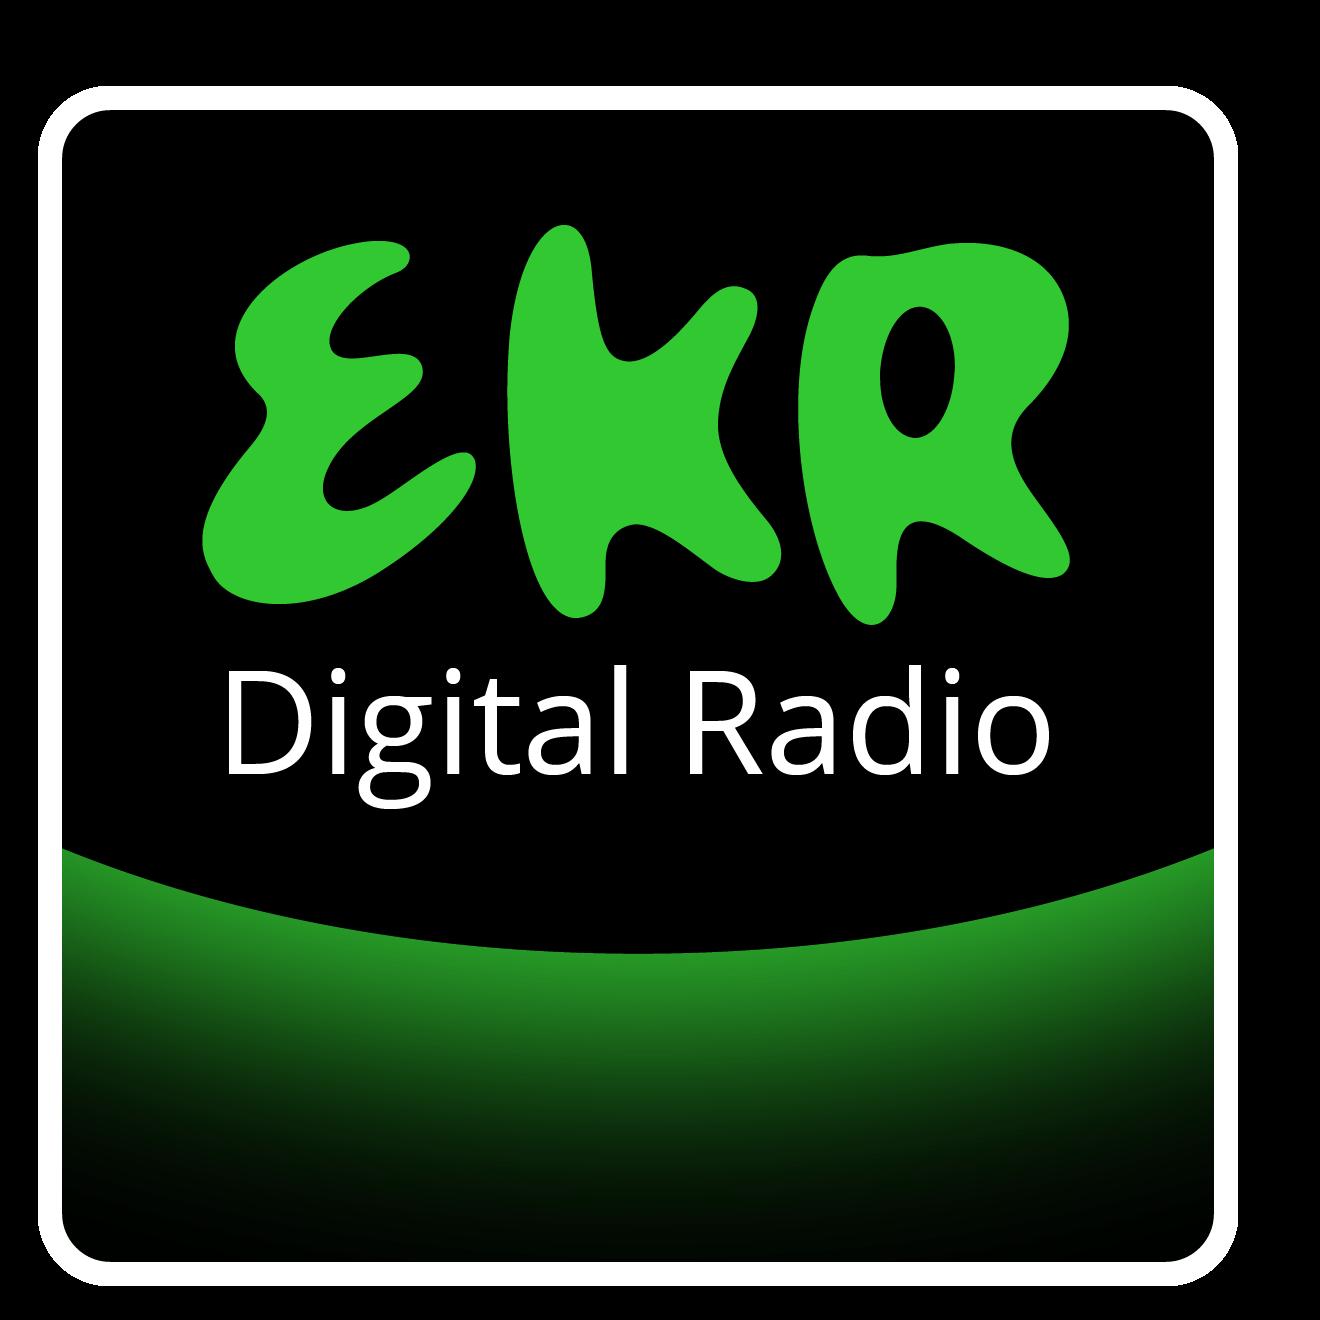 EKR - NOW ZONE (http://ekrdigital.com/player/#/now-zone)